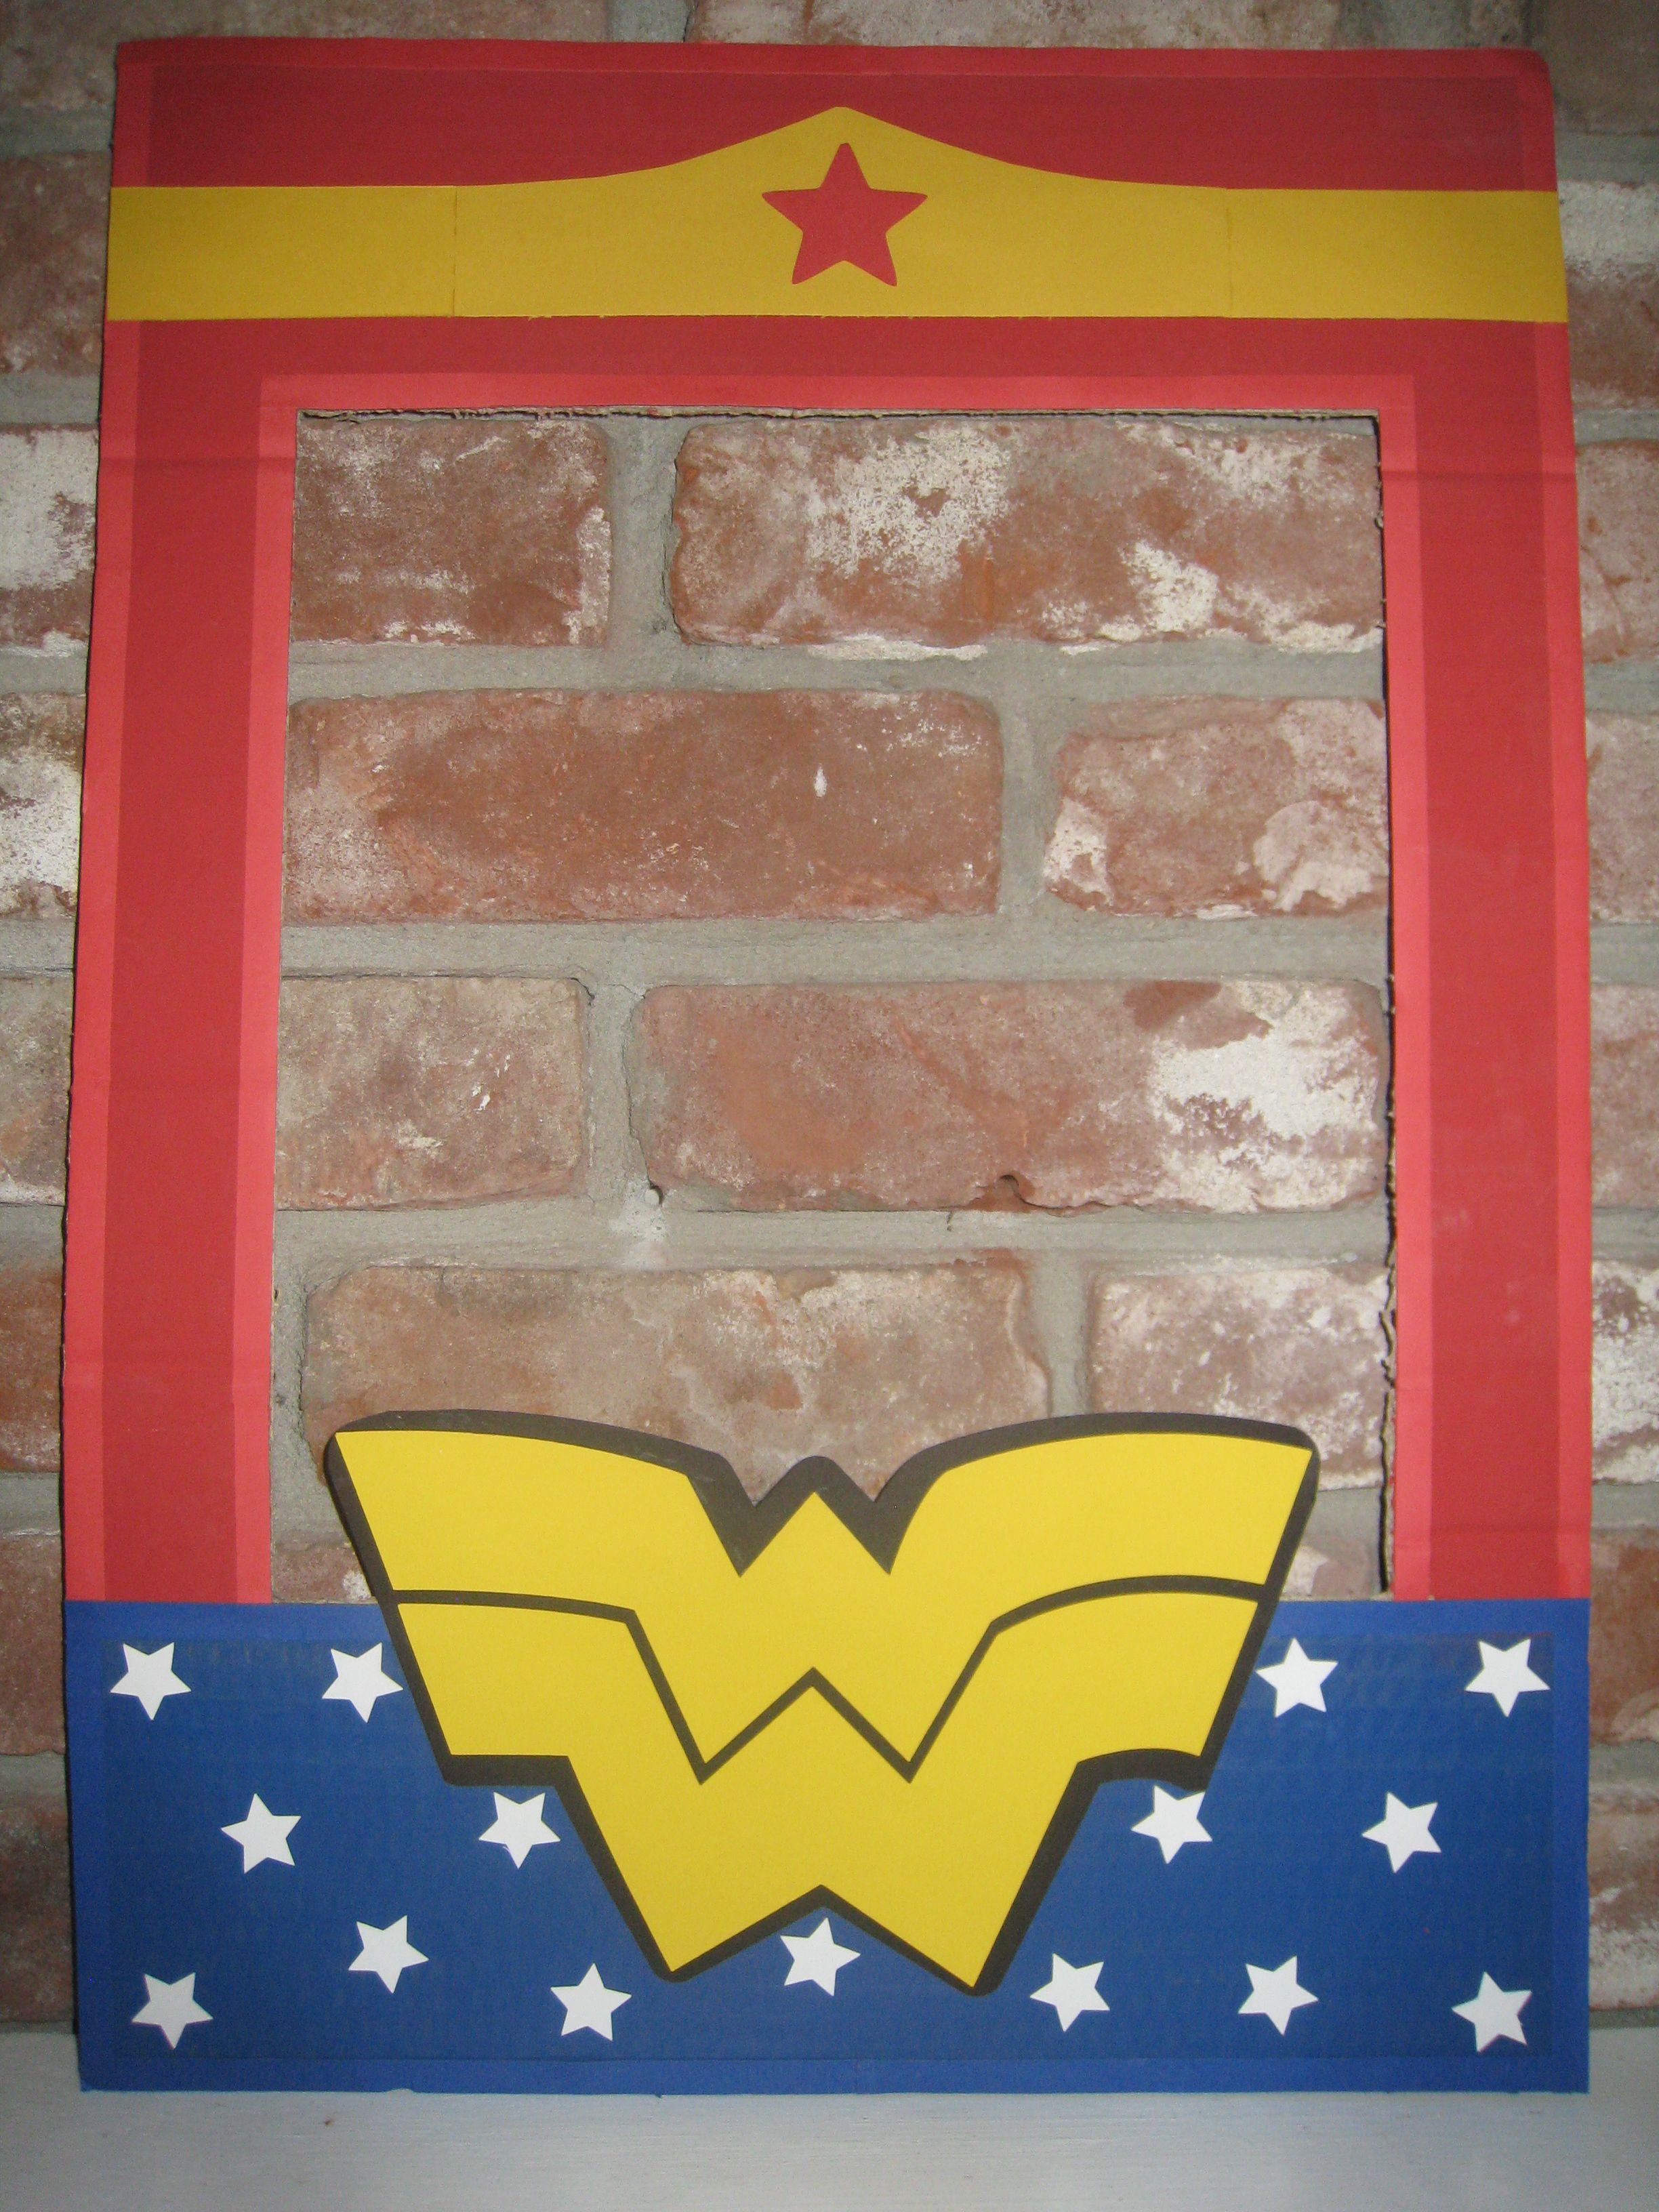 Wonder Woman Superhero Cardboard Frame.....Cardboard painted with ...